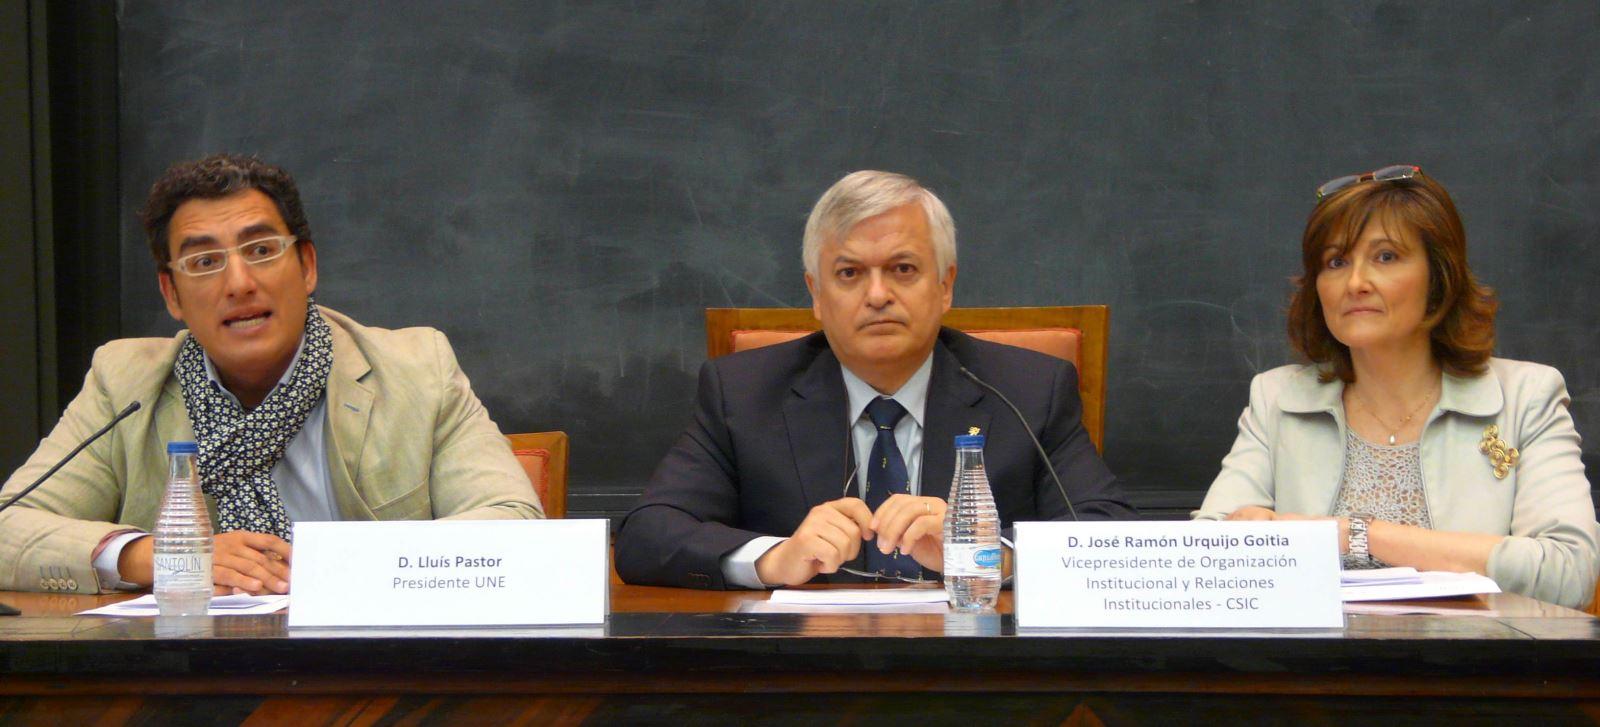 Lluís Pastor, presidente de la UNE; José Ramón Urquijo, vicepresidente del CSIC (centro); y Maribel Cabrera, directora de las Jornadas.